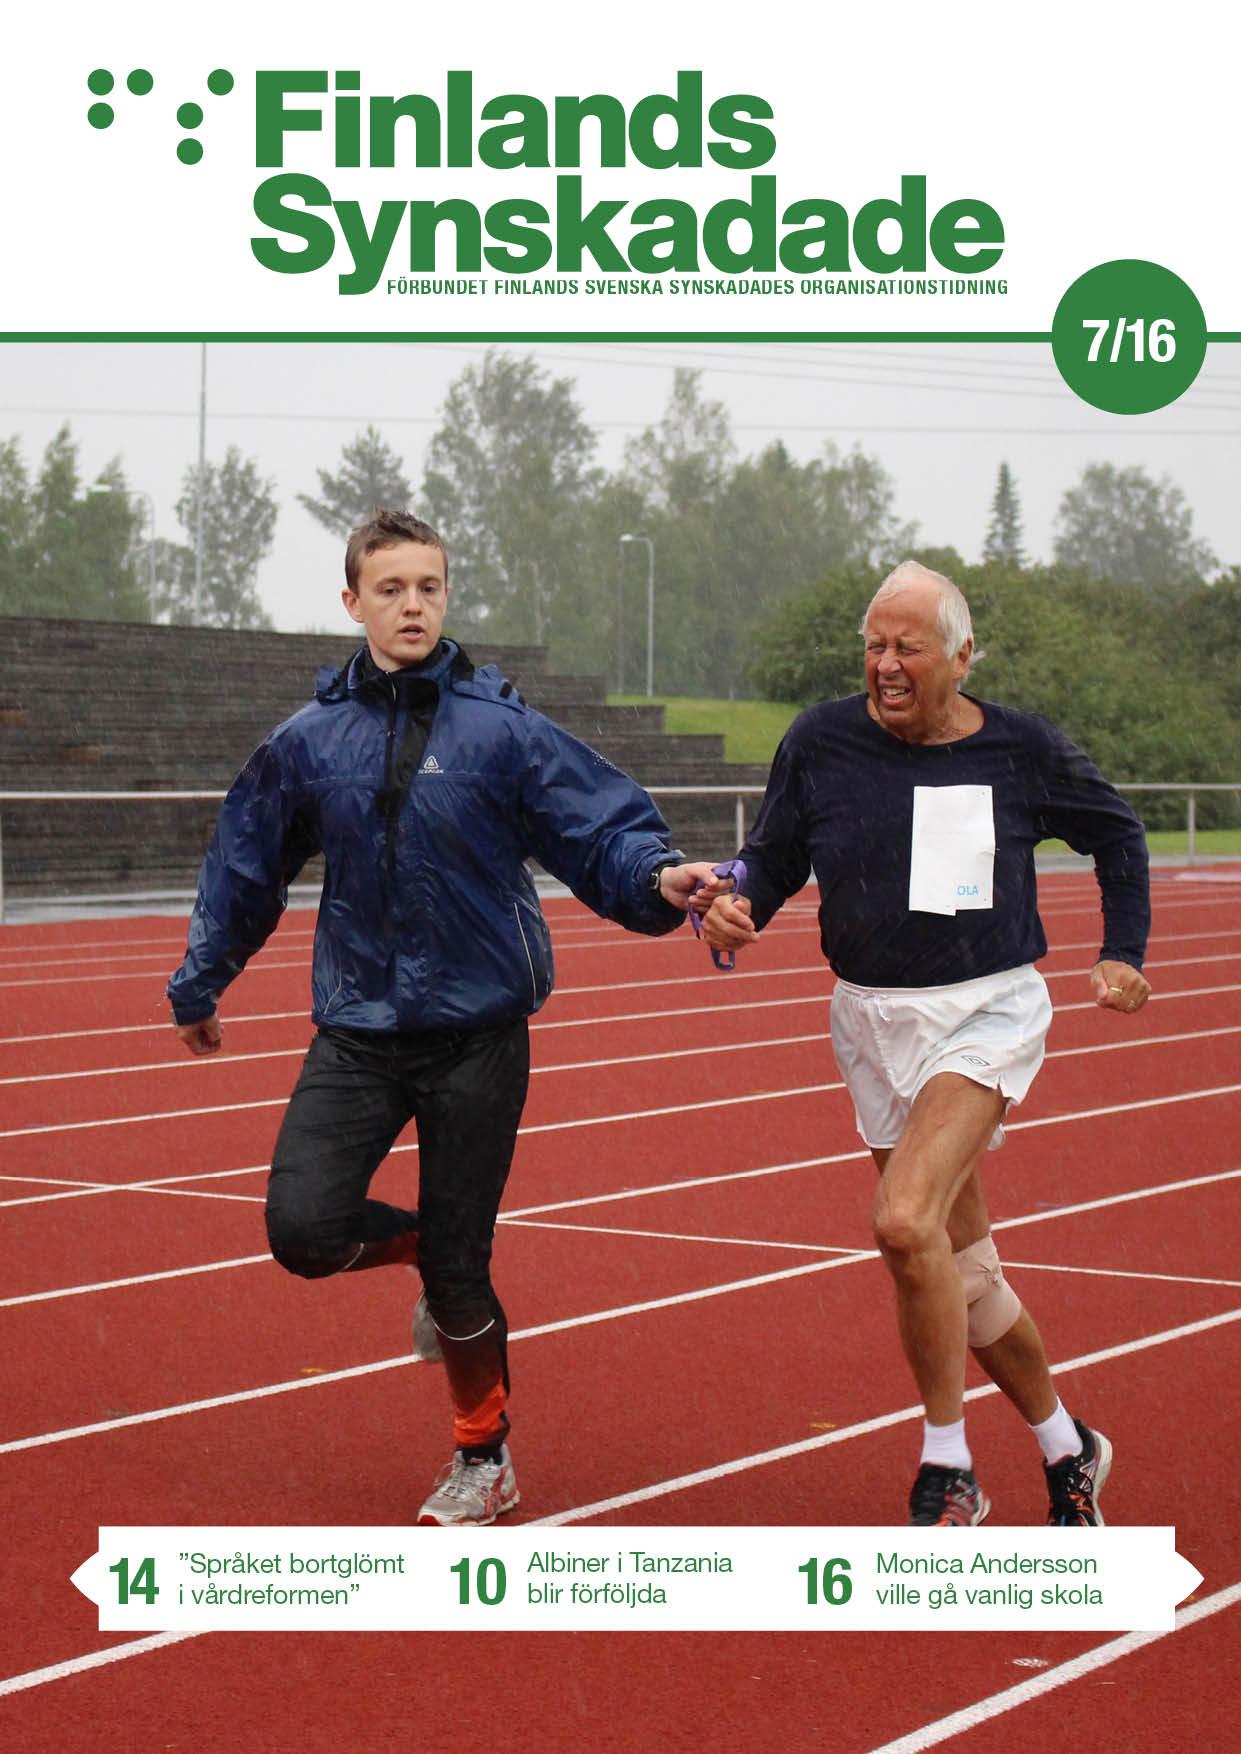 Pärmbild: Pehr Ahlstedt, med ledsagaren John Smedberg, kämpar om medalj då FSS friidrottstävlingar gick av stapeln i Pedersöre tidigare under sommaren.